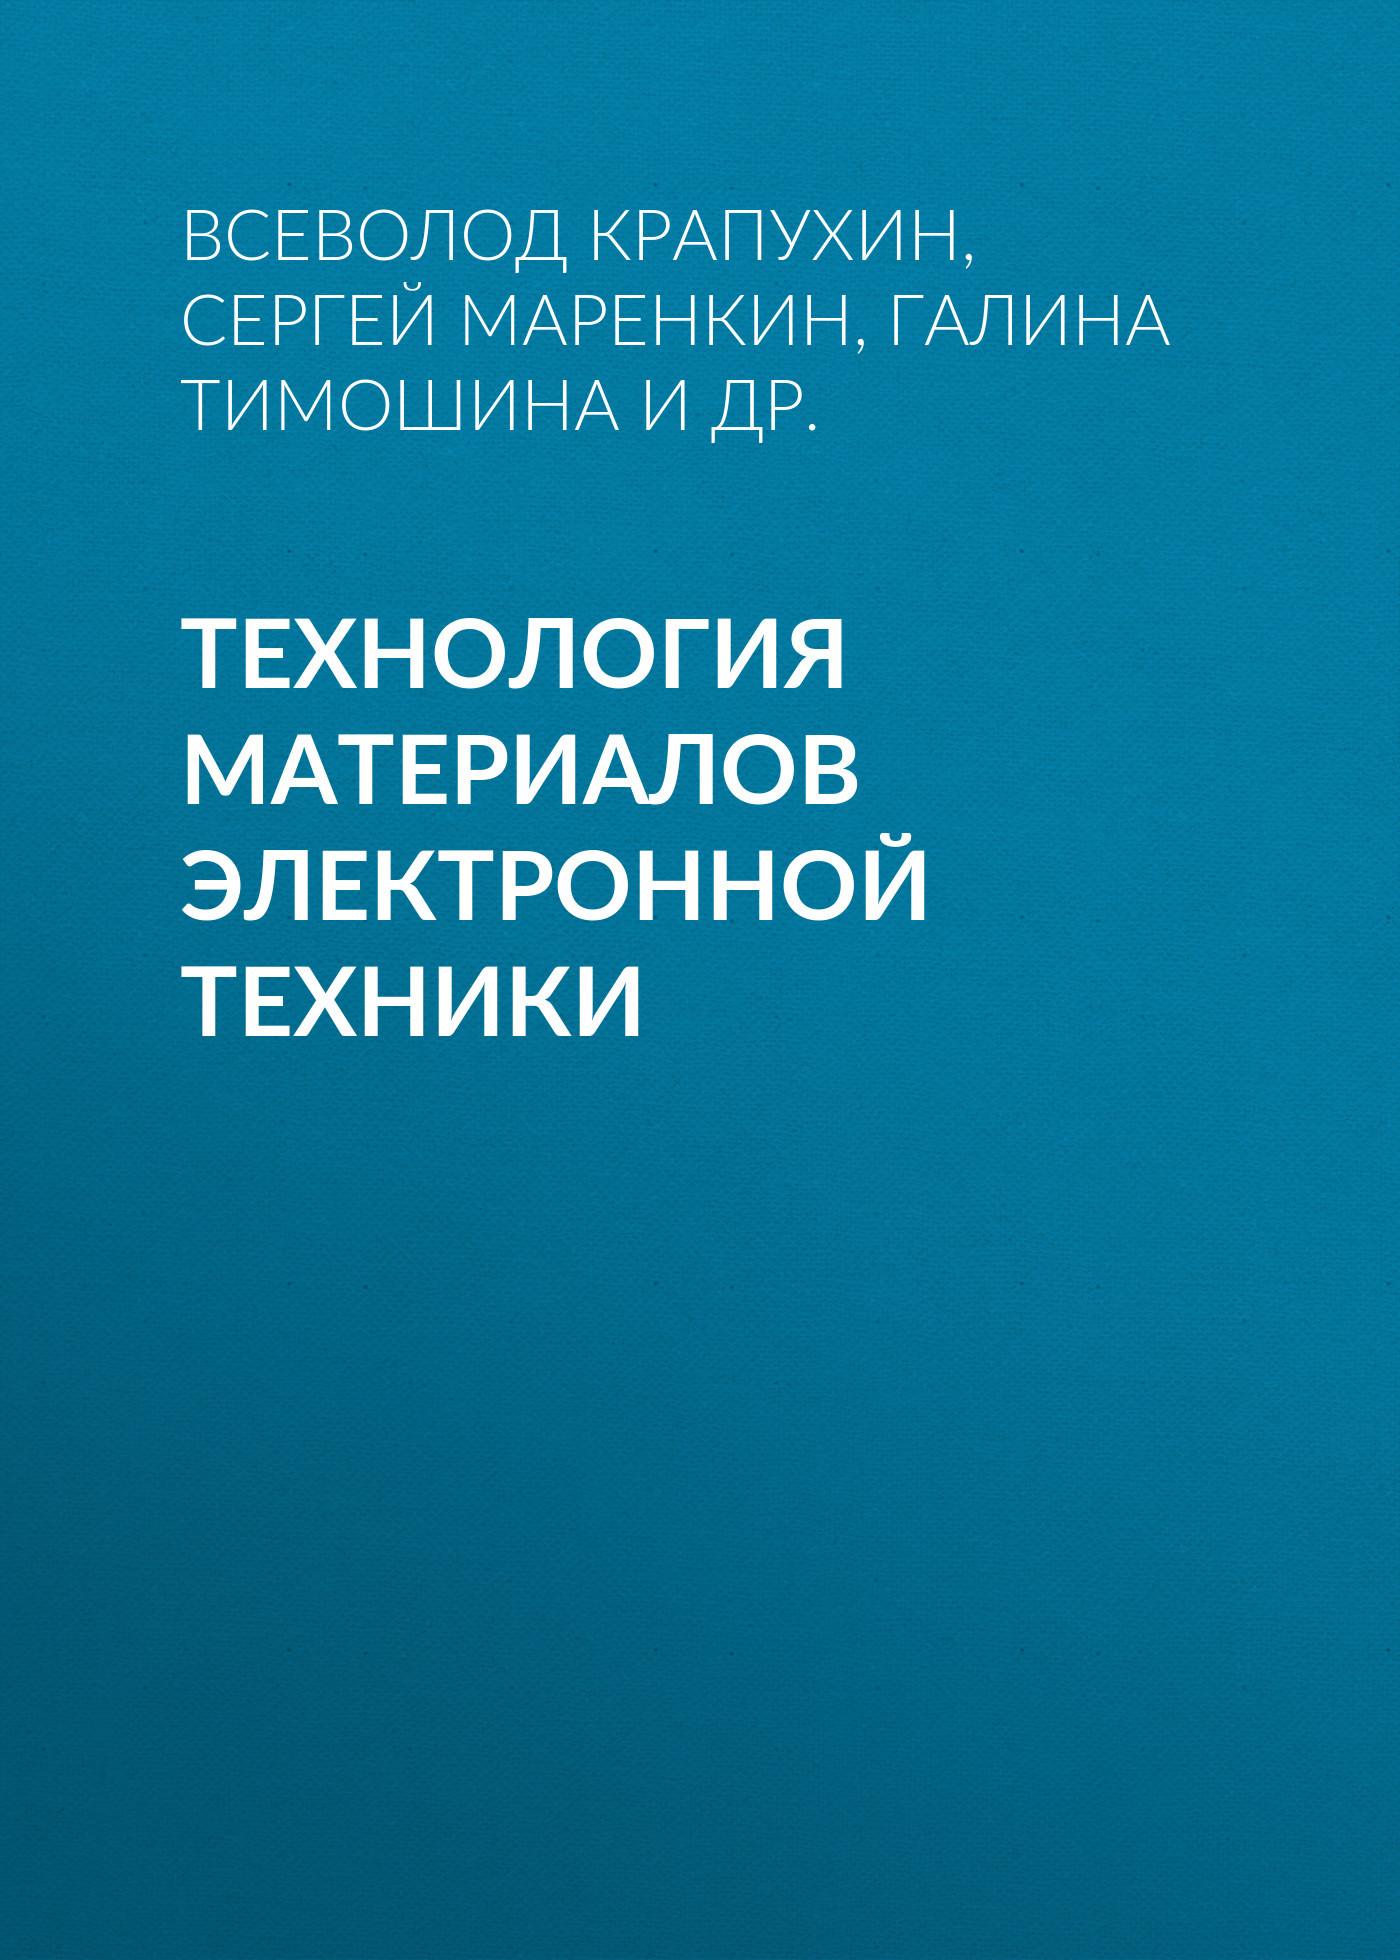 Сергей Маренкин Технология материалов электронной техники лабораторный набор по сопротивлению материалов